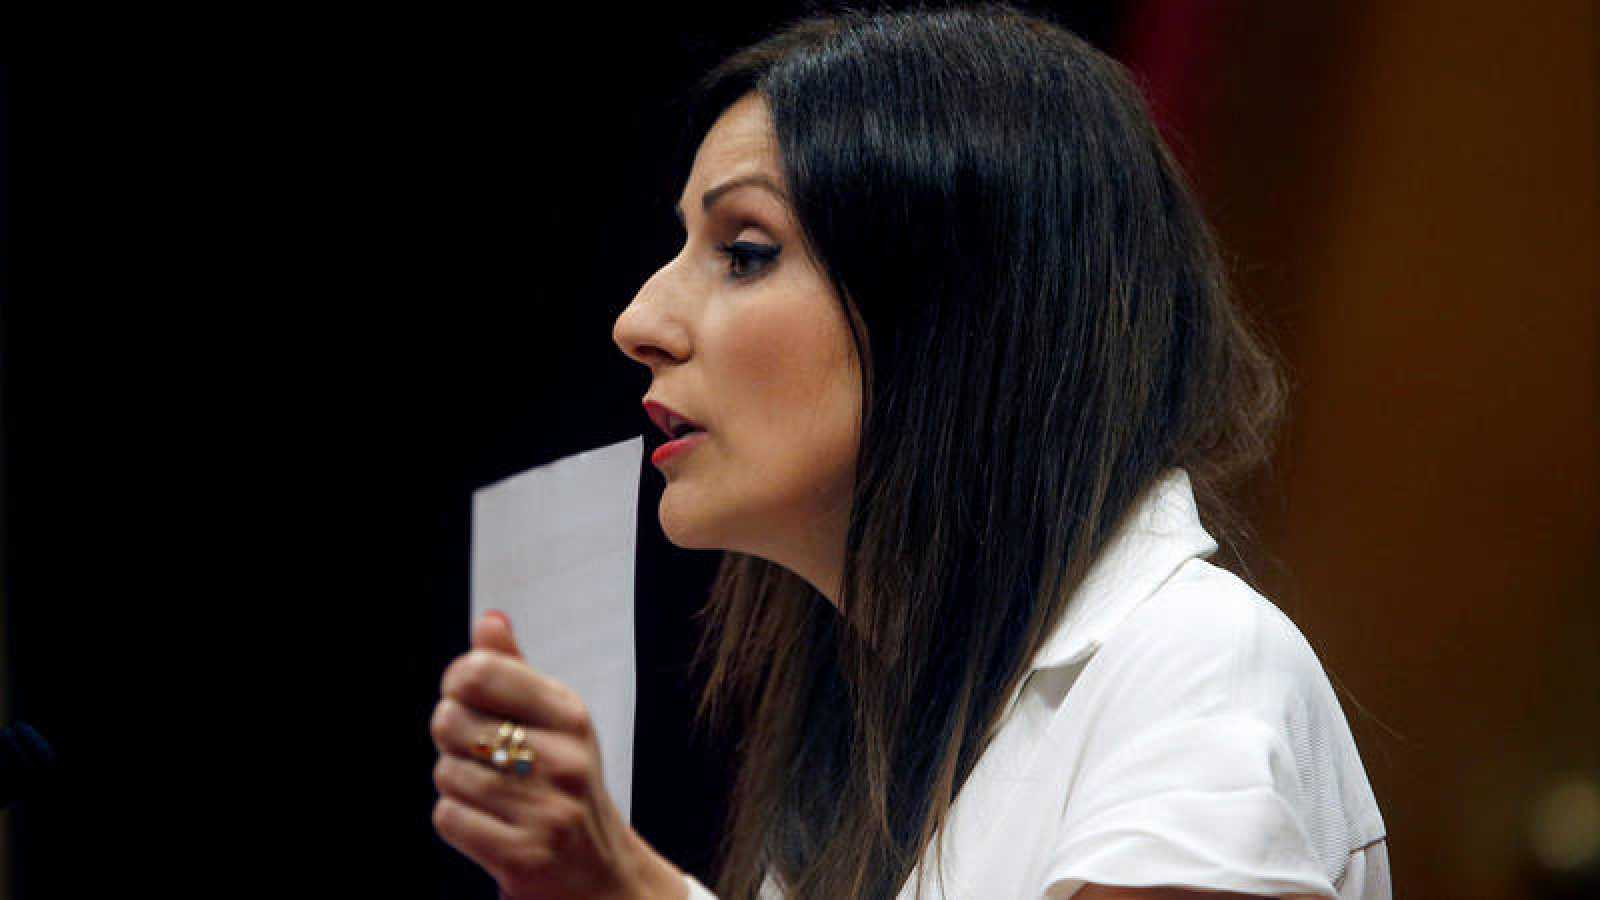 La portavoz de Ciudadanos Lorena Roldán en una de sus intervenciones durante el pleno del Parlament